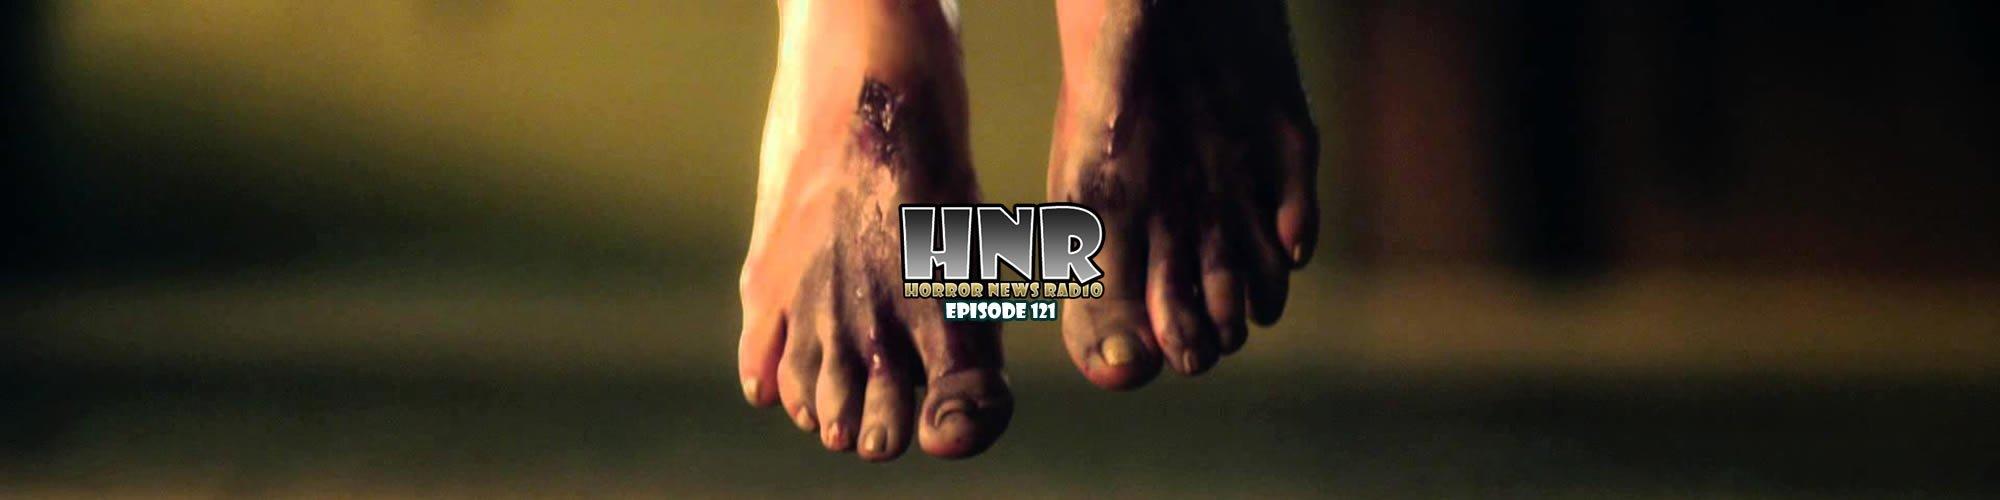 HNRSiteBanner121